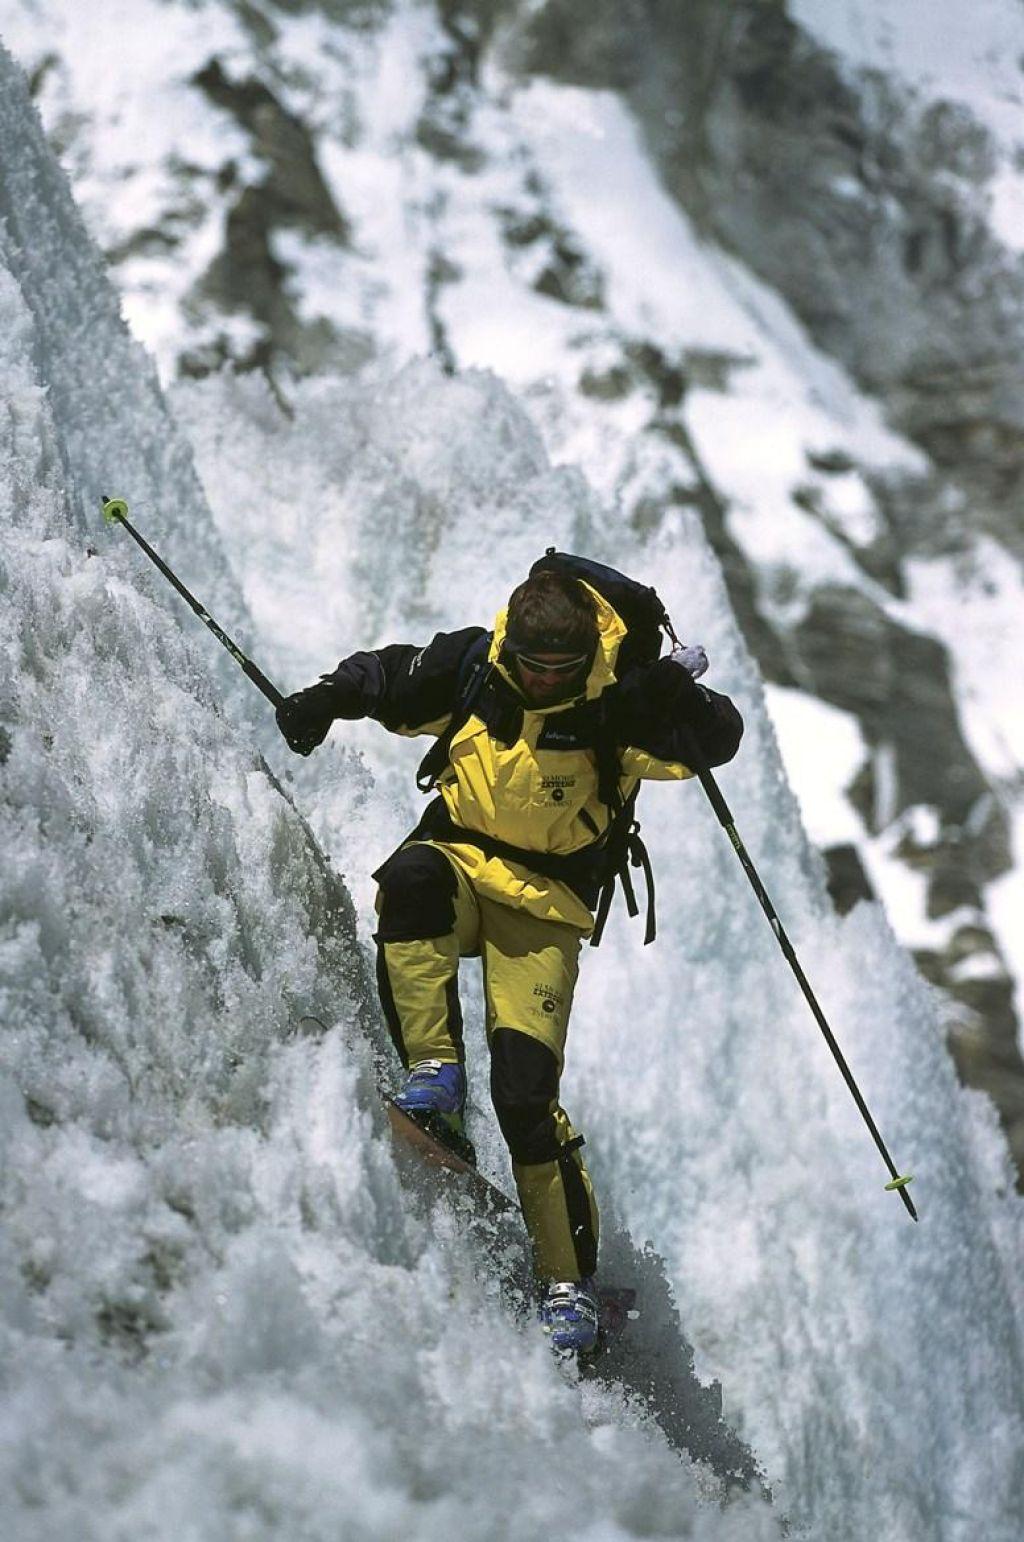 Pri podiranju drevesa se je smrtno ponesrečil sloviti alpinist Davo Karničar